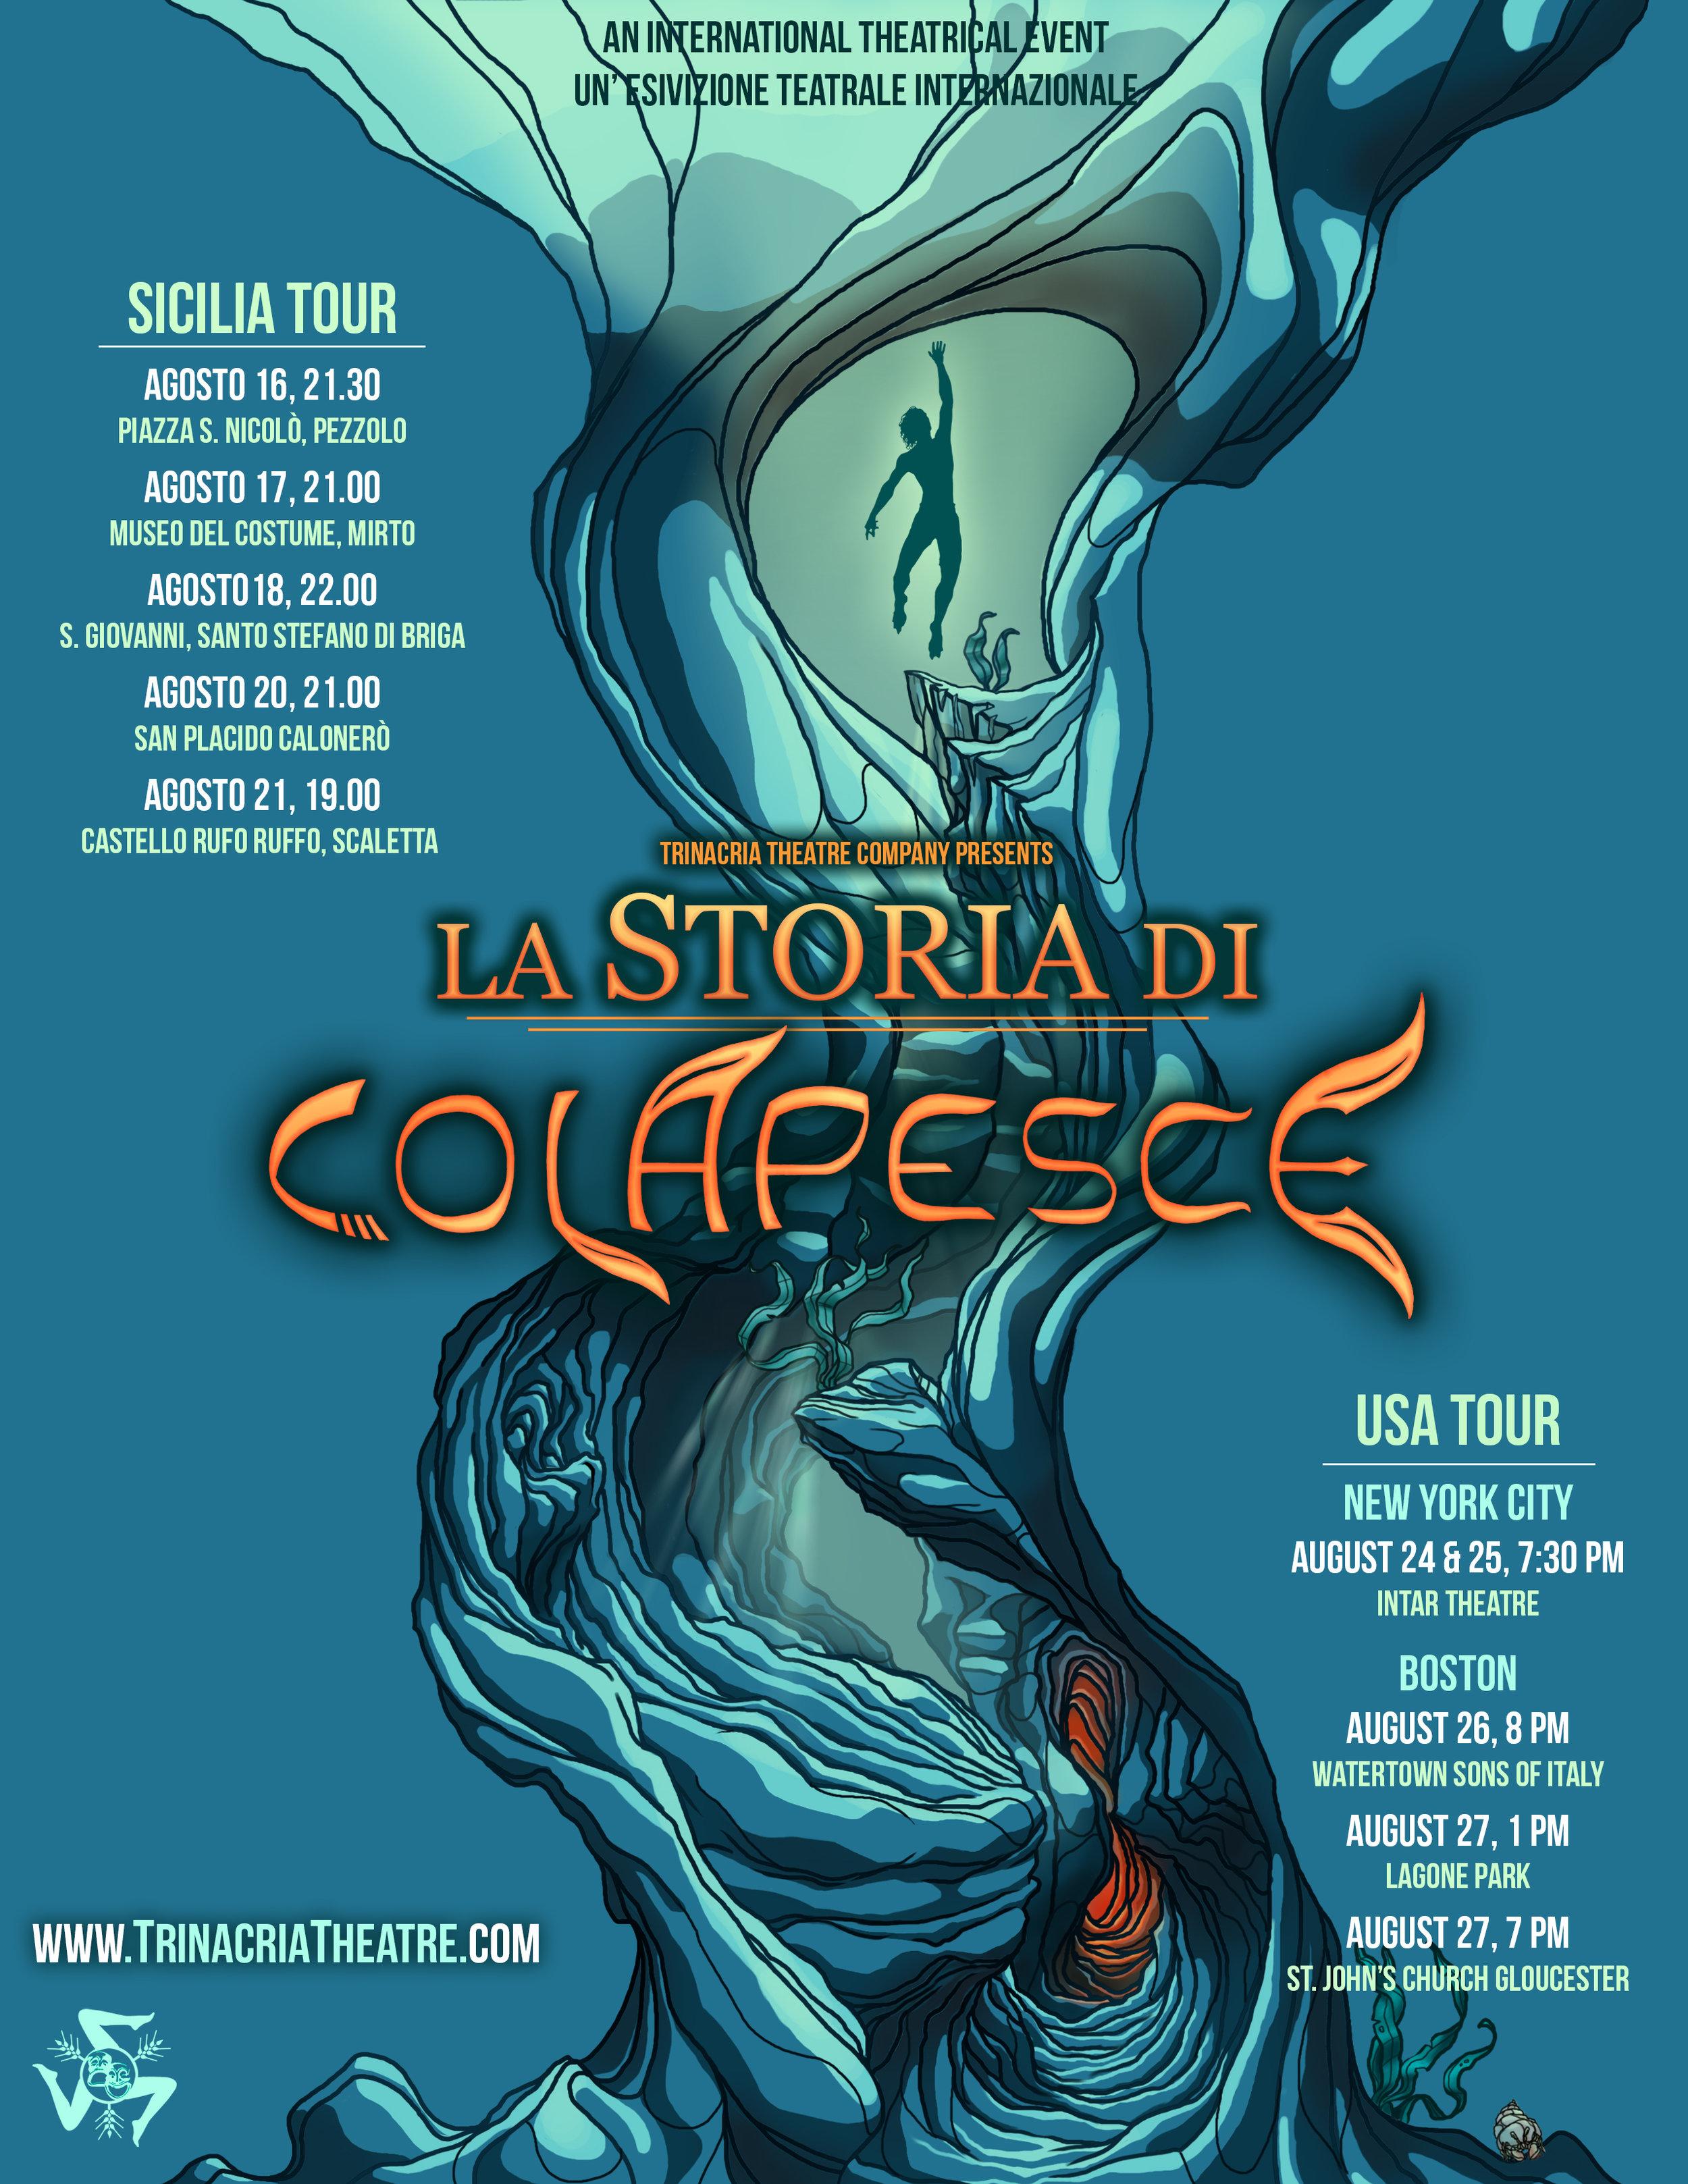 Poster by Quinton Kappel, title font by Sean Devare